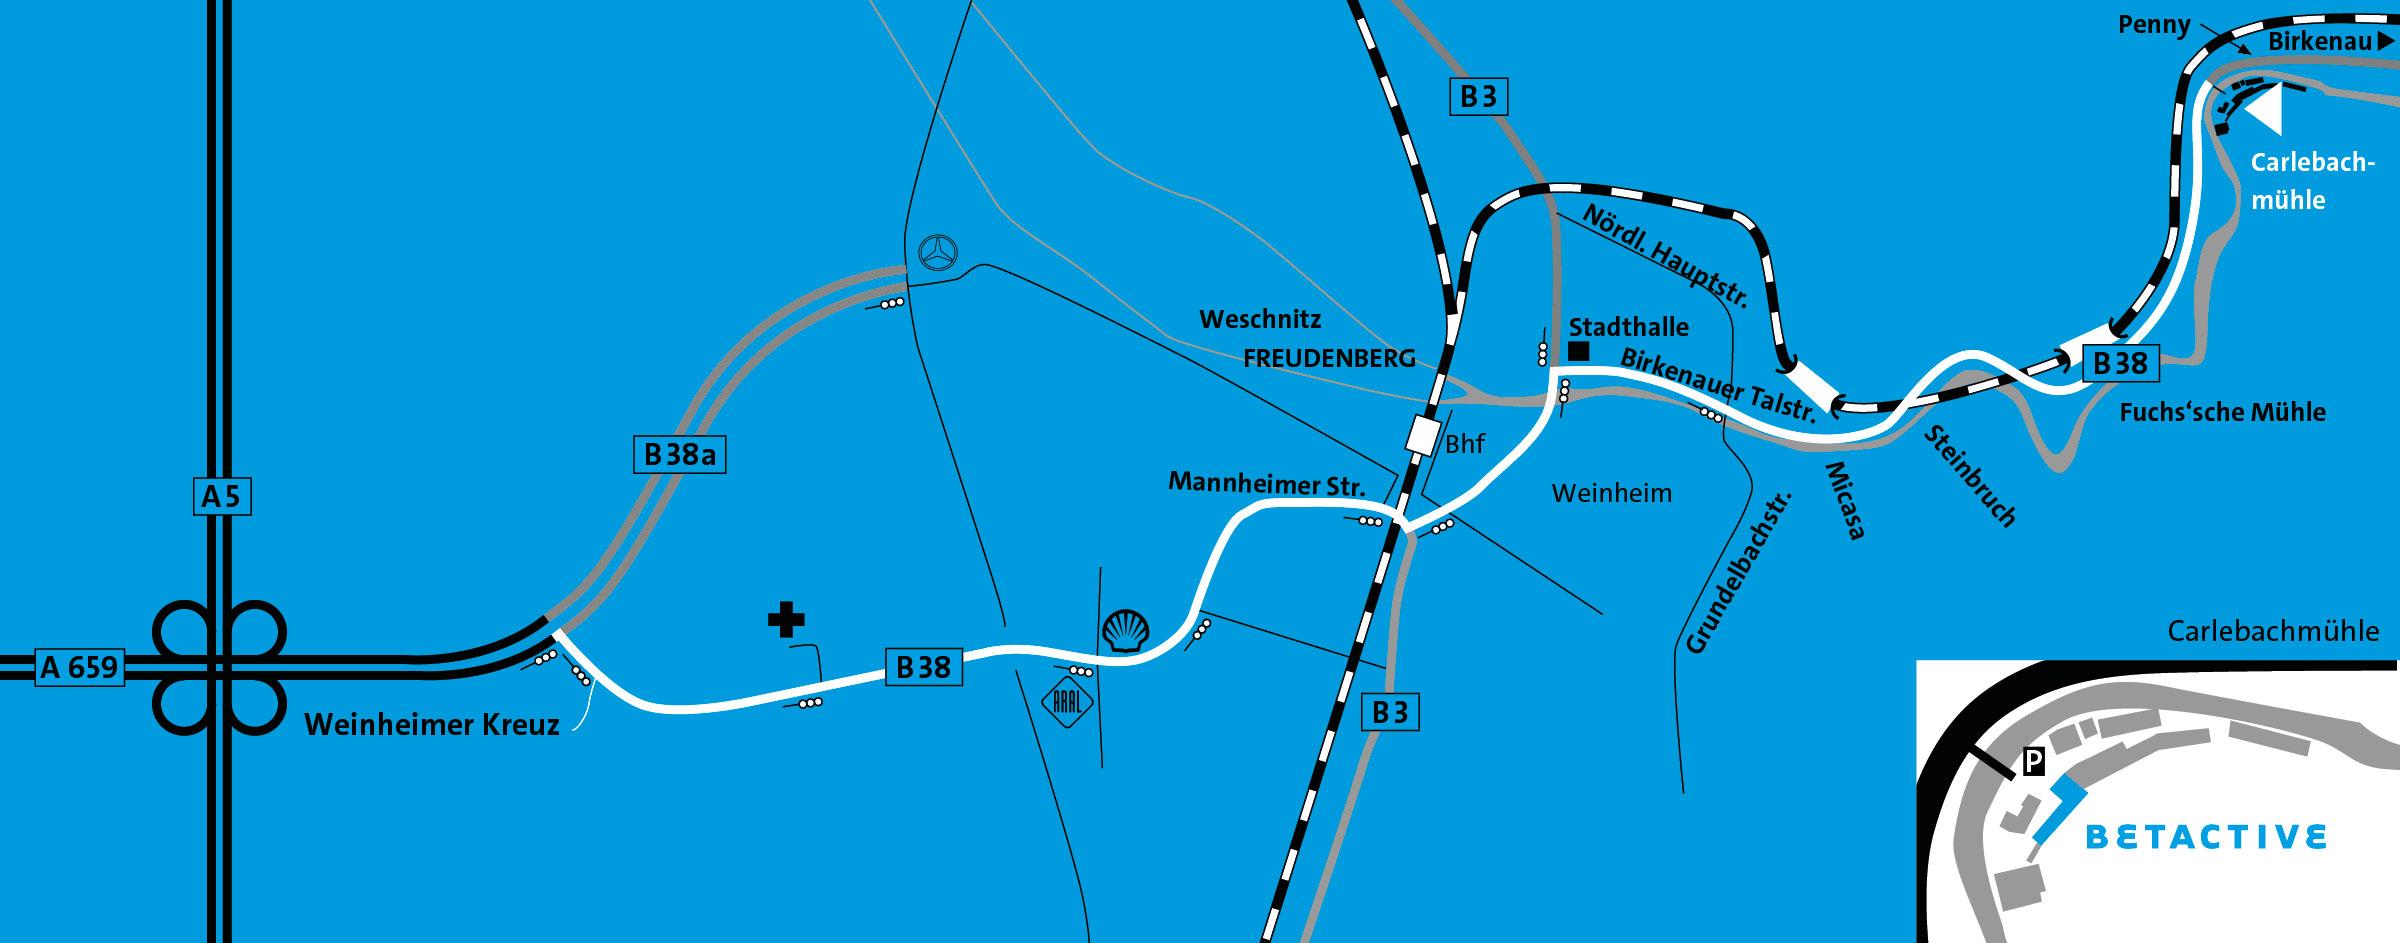 Anfahrtsplan zur Carlebachmühle mit Detailansicht